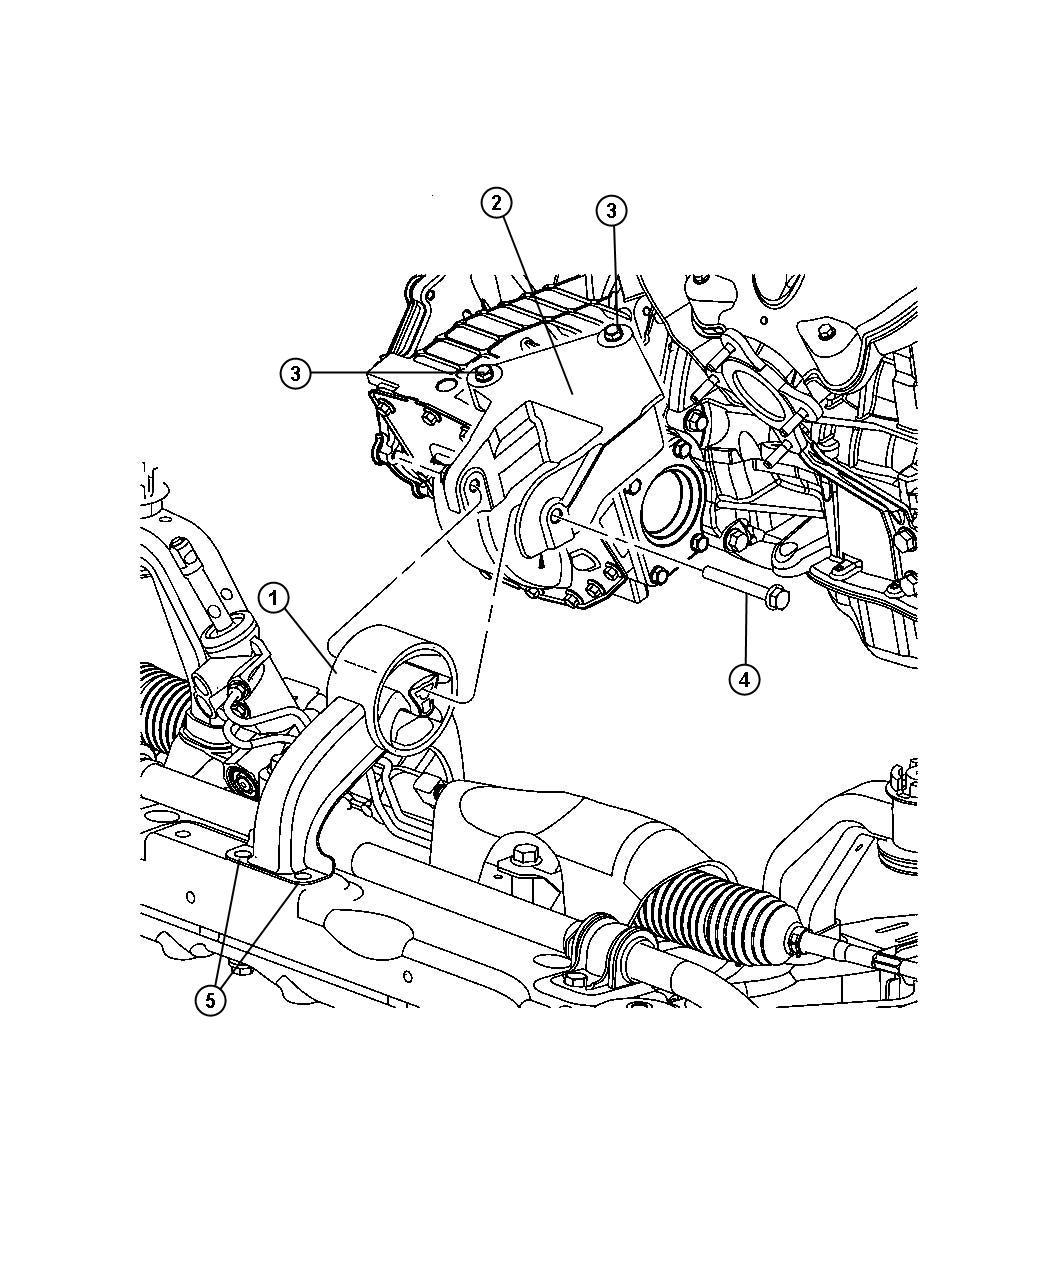 dodge 2 4 engine diagram mitsubishi pajero radio wiring 7 liter get free image about